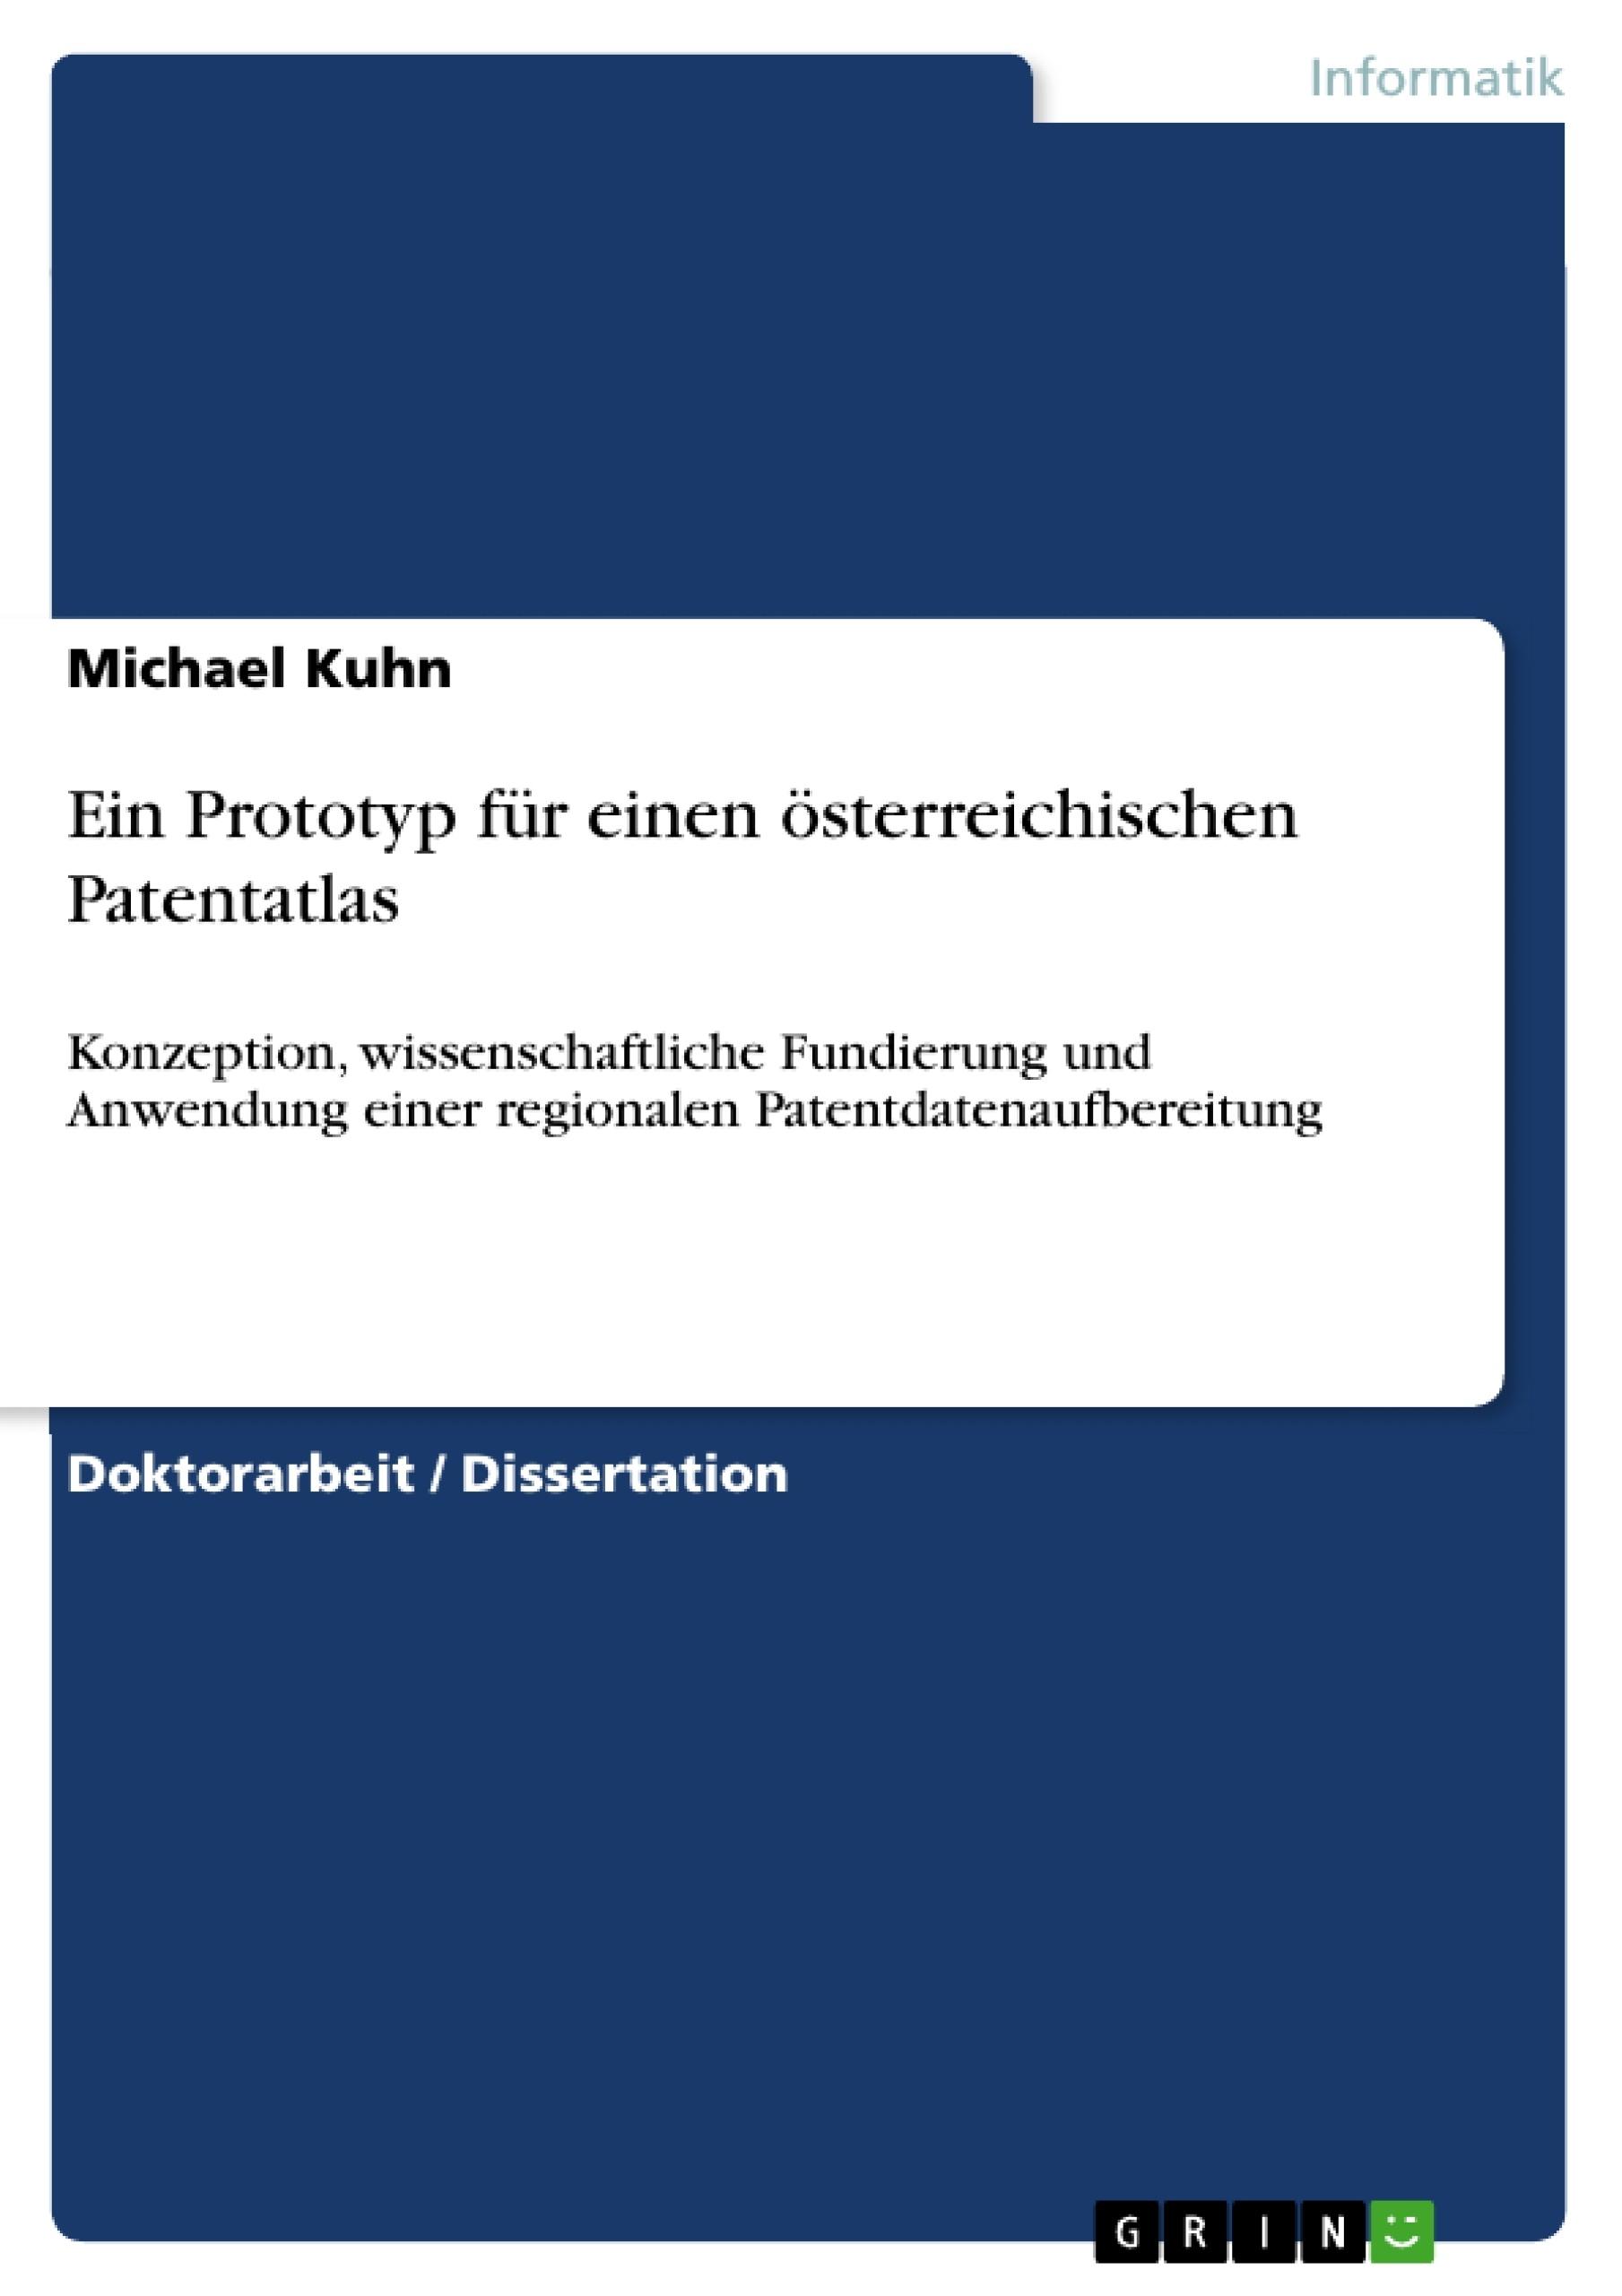 Titel: Ein Prototyp für einen österreichischen Patentatlas